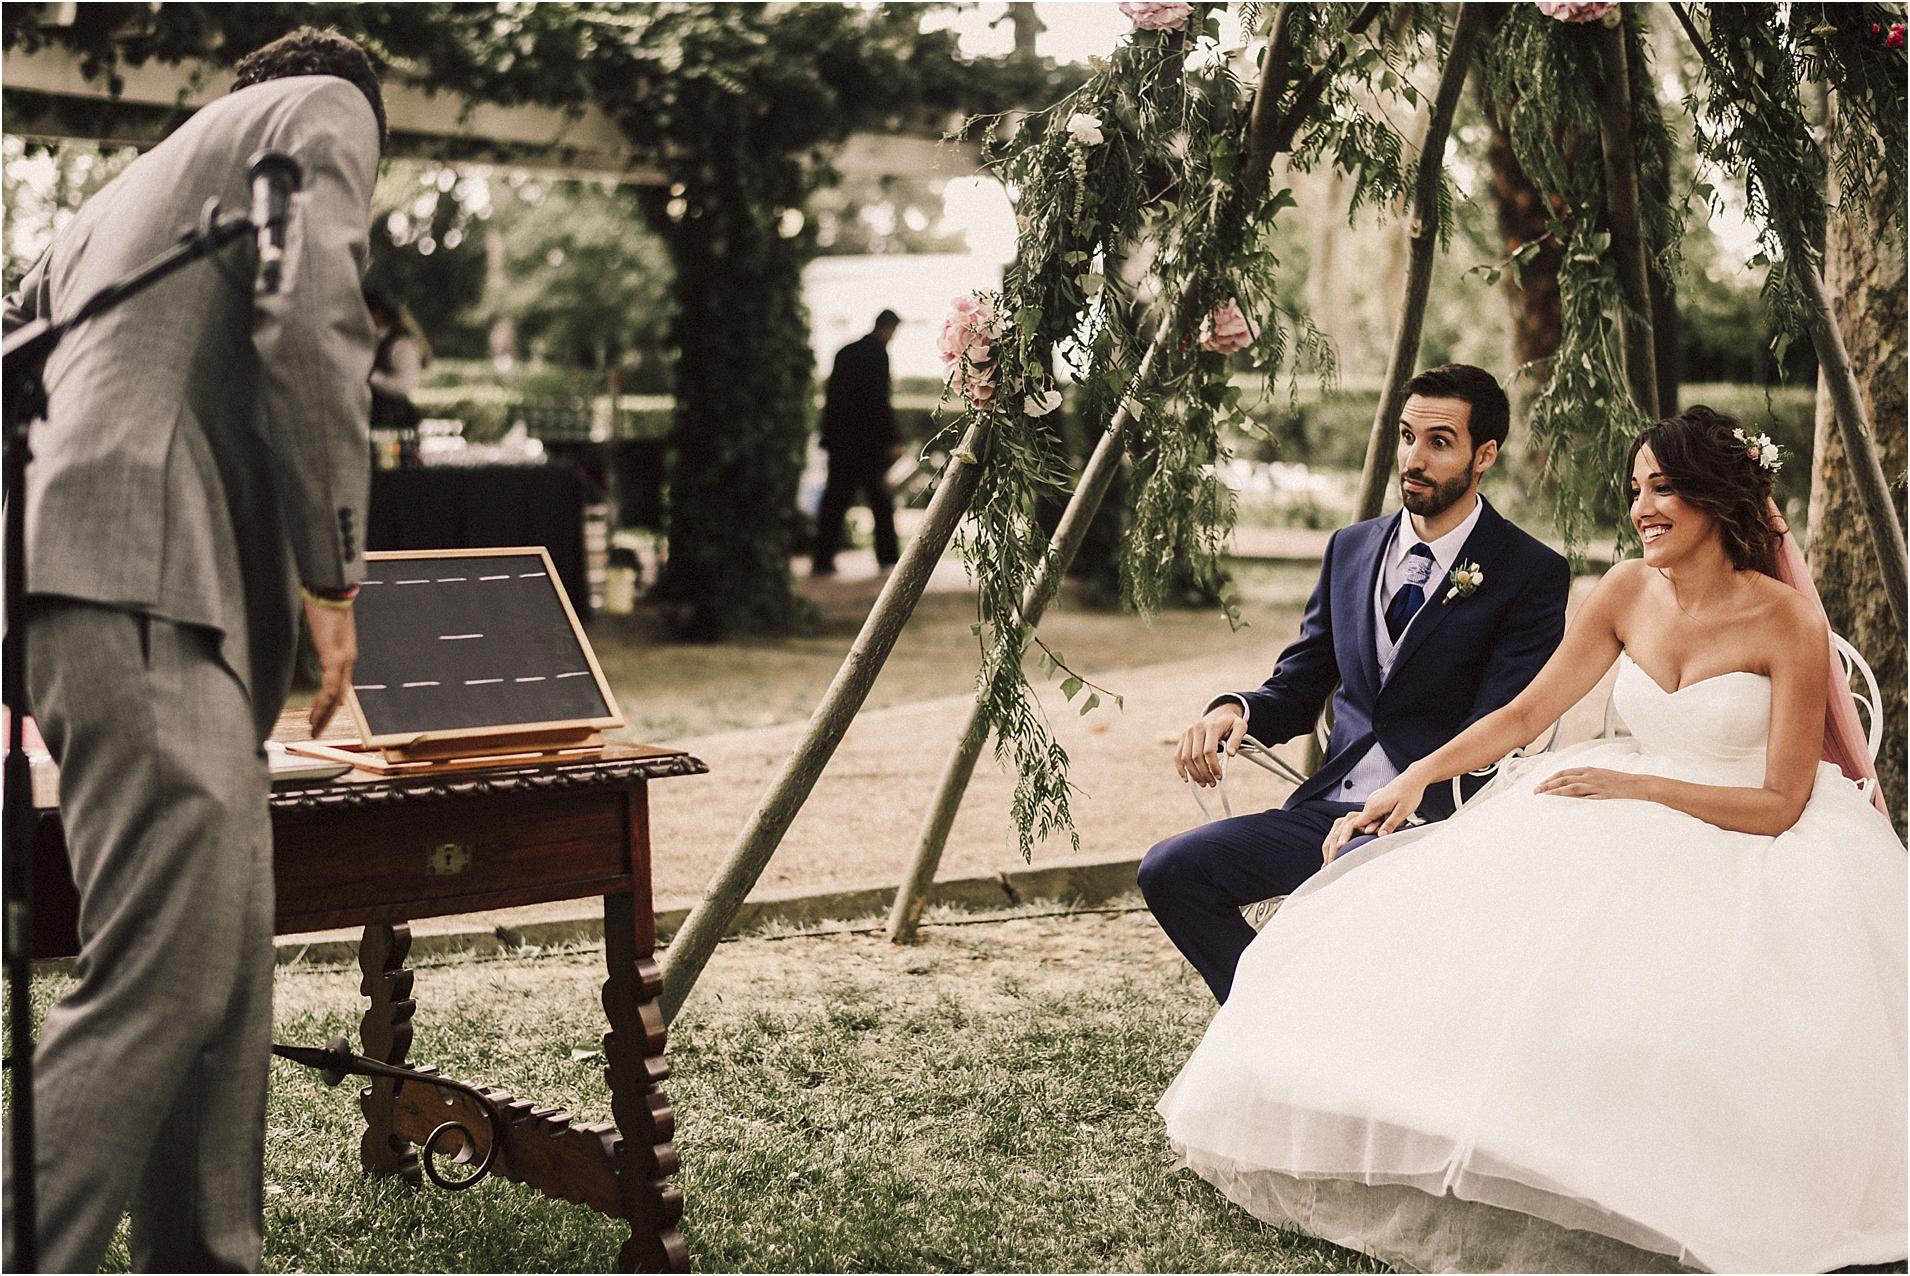 Fotografos-de-boda-donostia-zaragoza-san-sebastian-destination-wedding-photographer-54.jpg